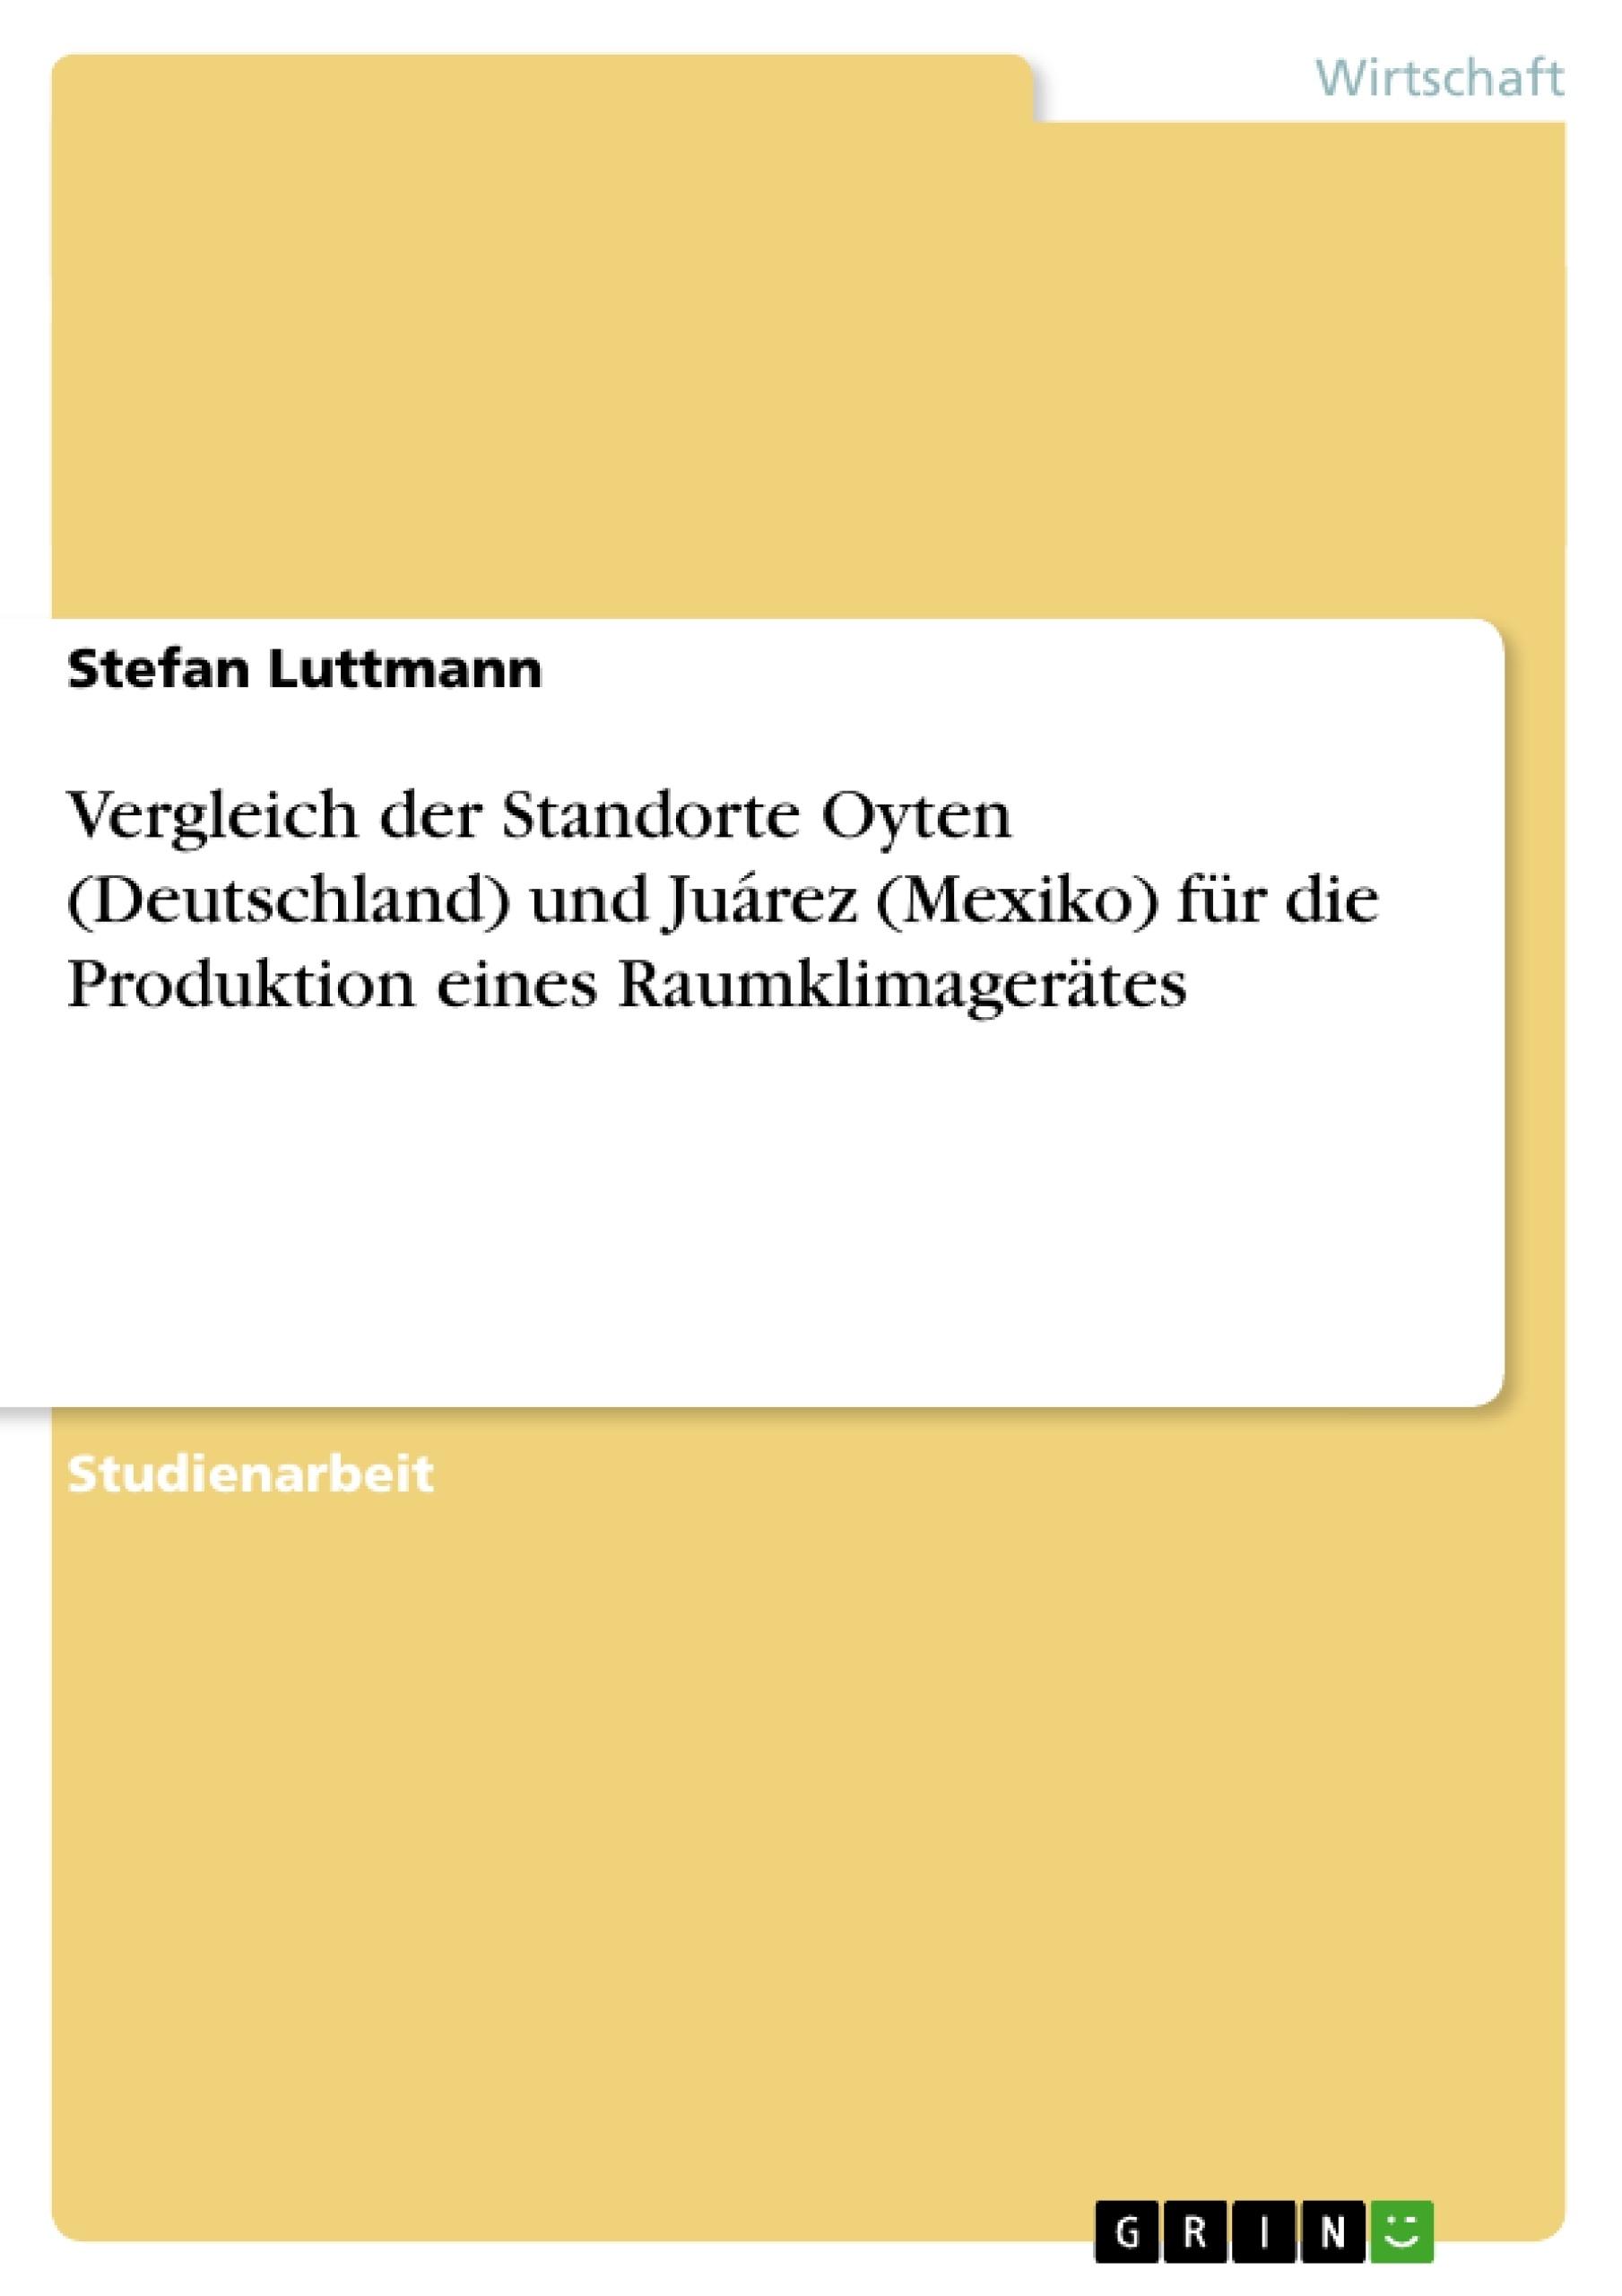 Titel: Vergleich der Standorte Oyten (Deutschland) und Juárez (Mexiko) für die Produktion eines Raumklimagerätes